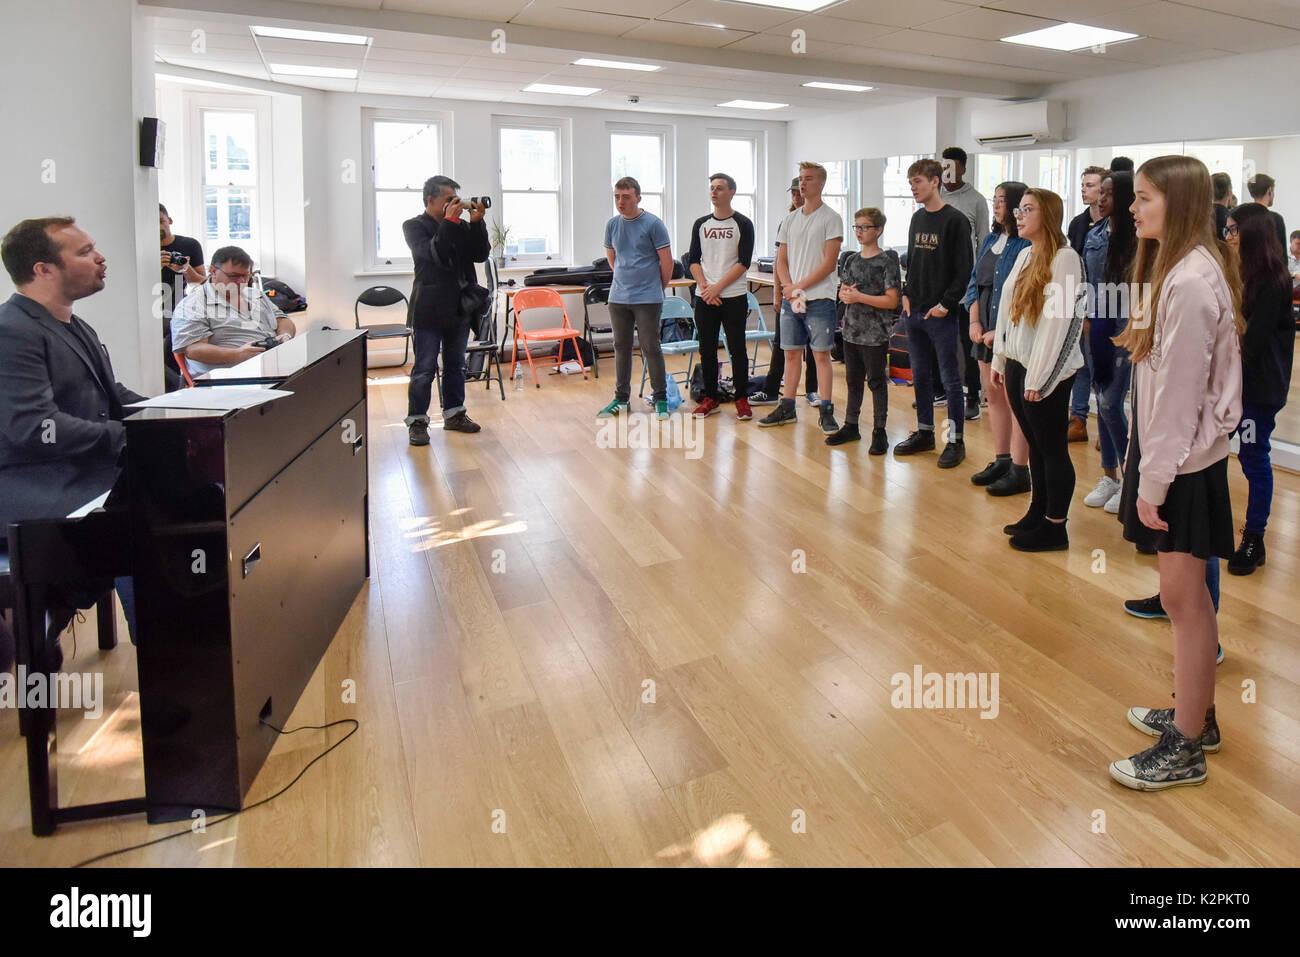 Londres, Reino Unido. El 31 de agosto de 2017. Los jóvenes músicos esperando ser conciertos Campeón 2017 tomar parte en un campamento militar con los expertos de la industria en estudios de música en el West End por delante de sus próximos conciertos el Gran Final en el centro comercial Westfield London. Gigas es el alcalde de Londres busking anual del concurso para jóvenes compositores e intérpretes entre 11-25 años de edad. Crédito: Stephen Chung / Alamy Live News Foto de stock